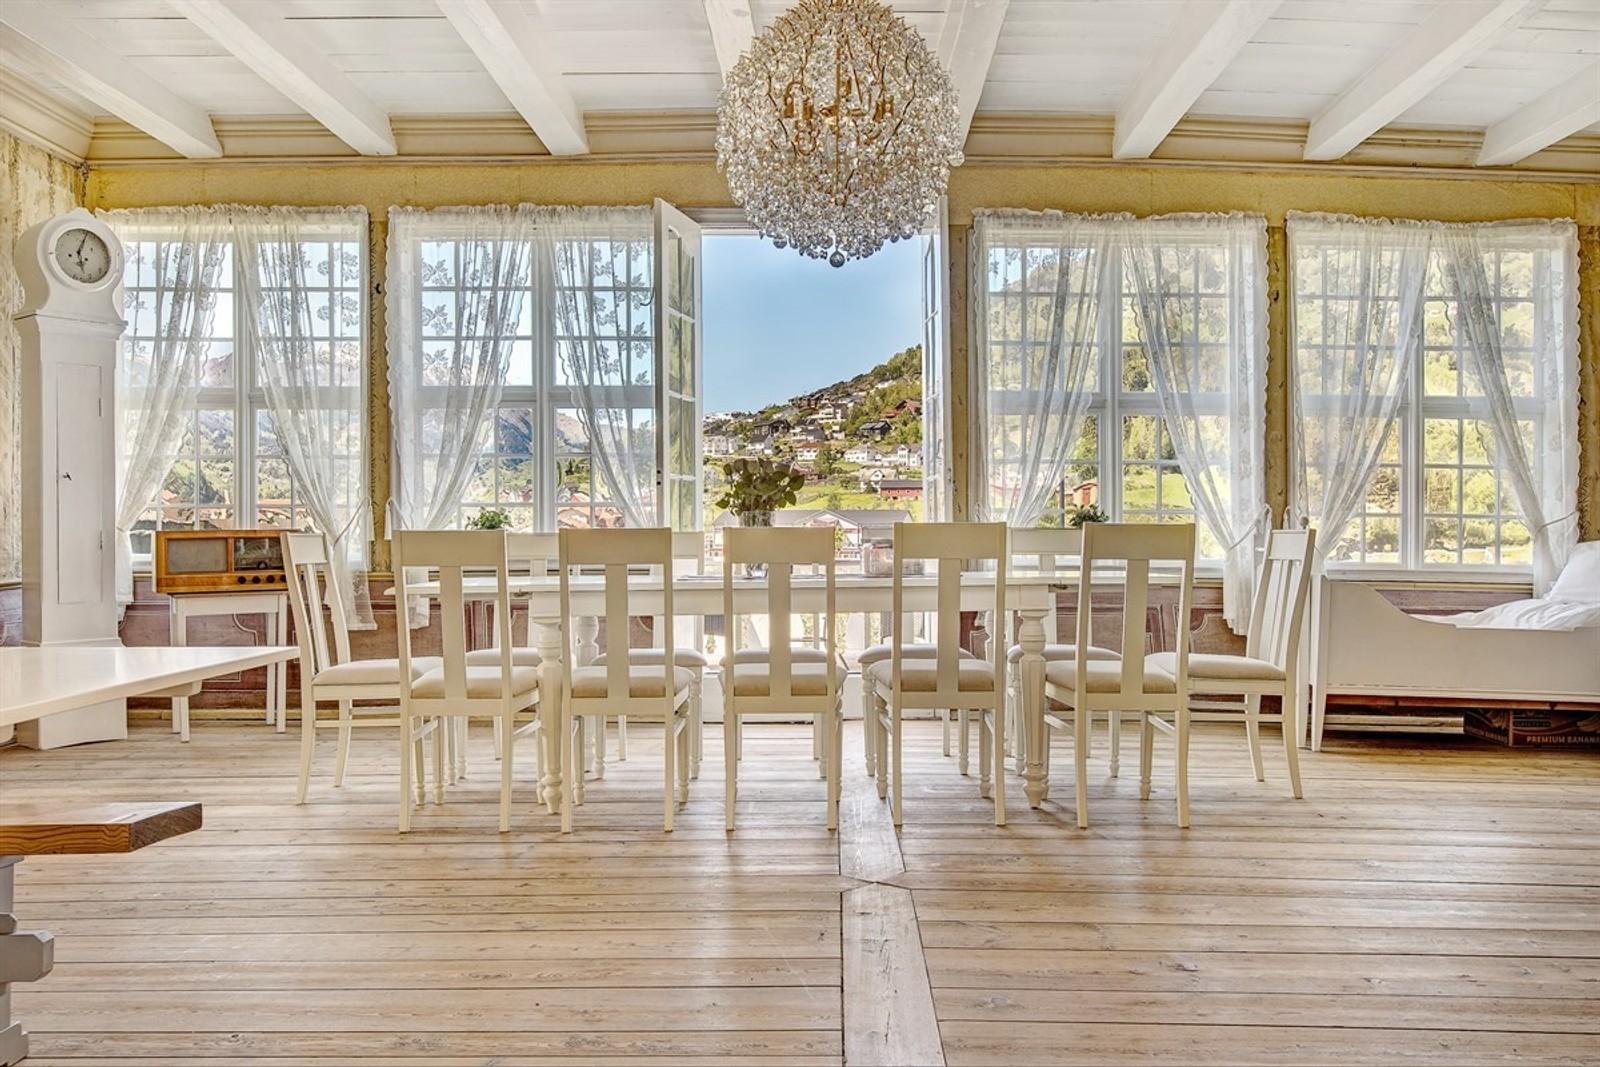 BALLSAL: Den gamle ballsalen i huset skal ha blitt brukt til festar for eliten i Sogn og Fjordane på 1800-talet.